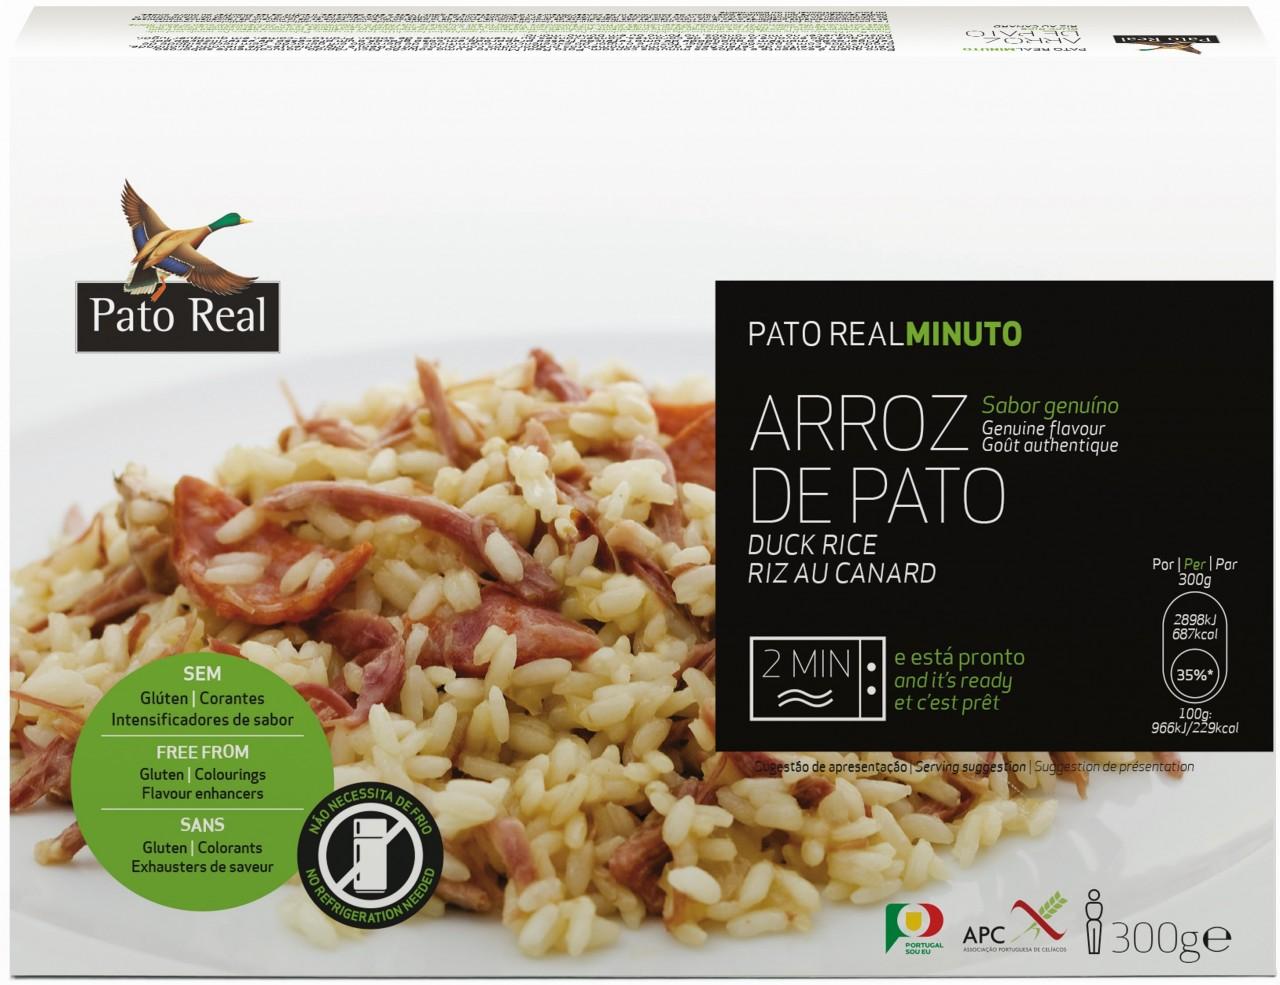 Reisgericht mit Entenfleisch - Arroz de Pato 300gr. Pato Real